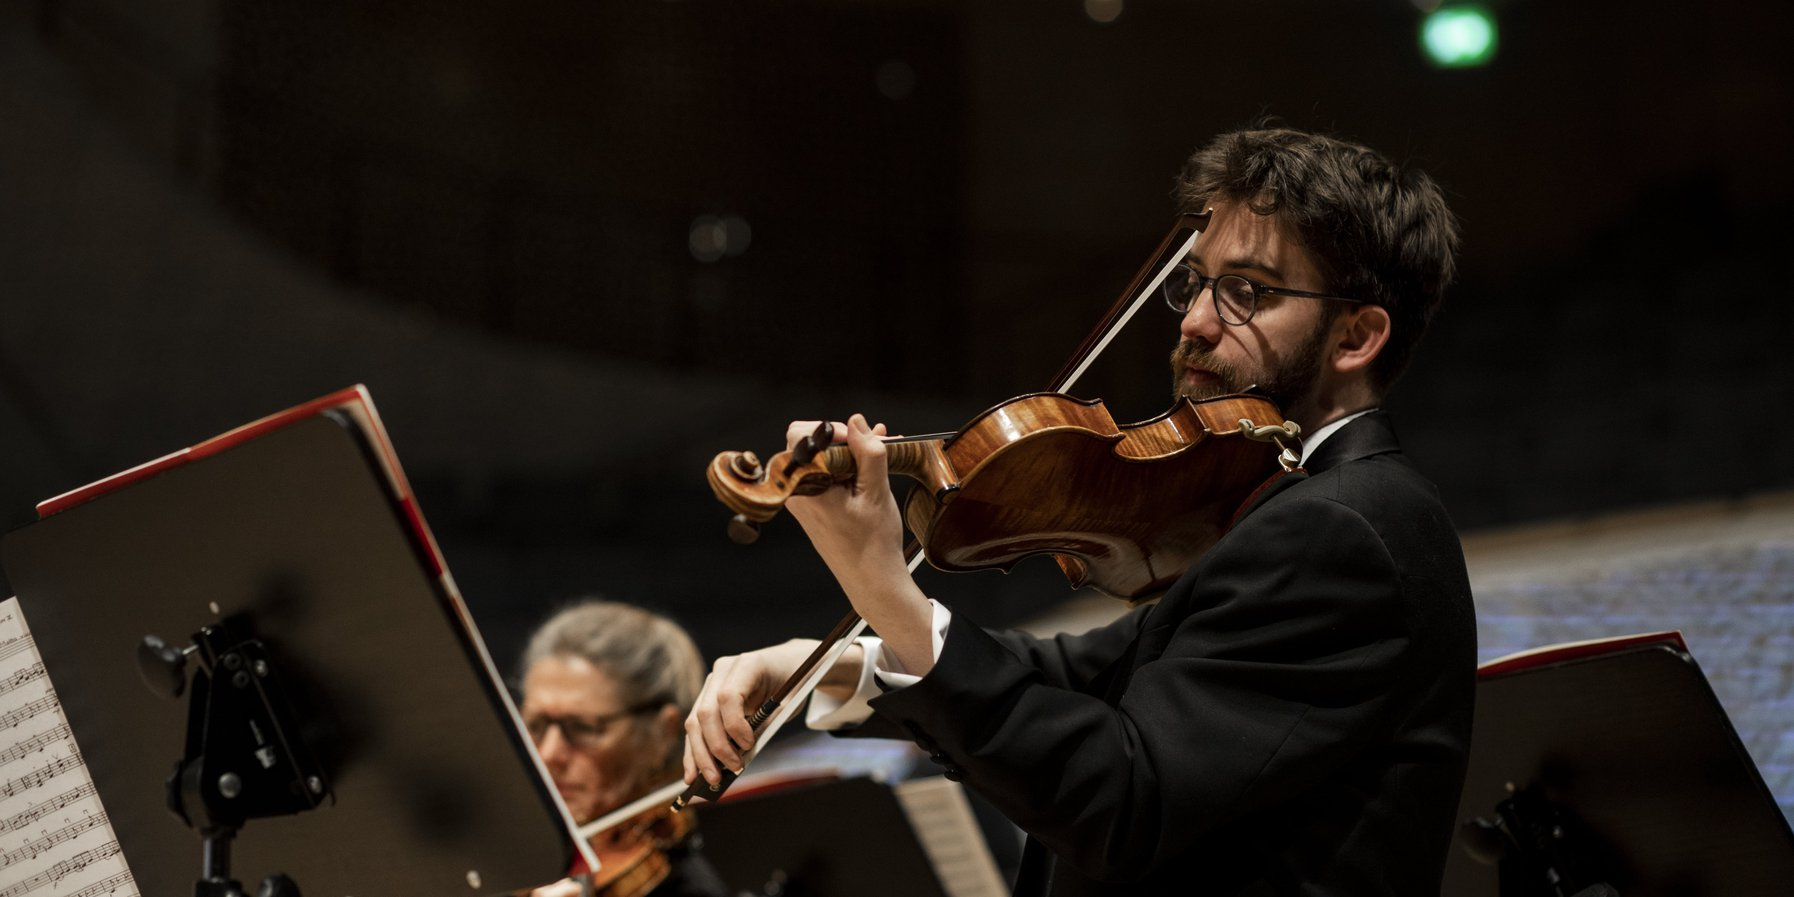 The Deutsche Kammerphilharmonie Bremen